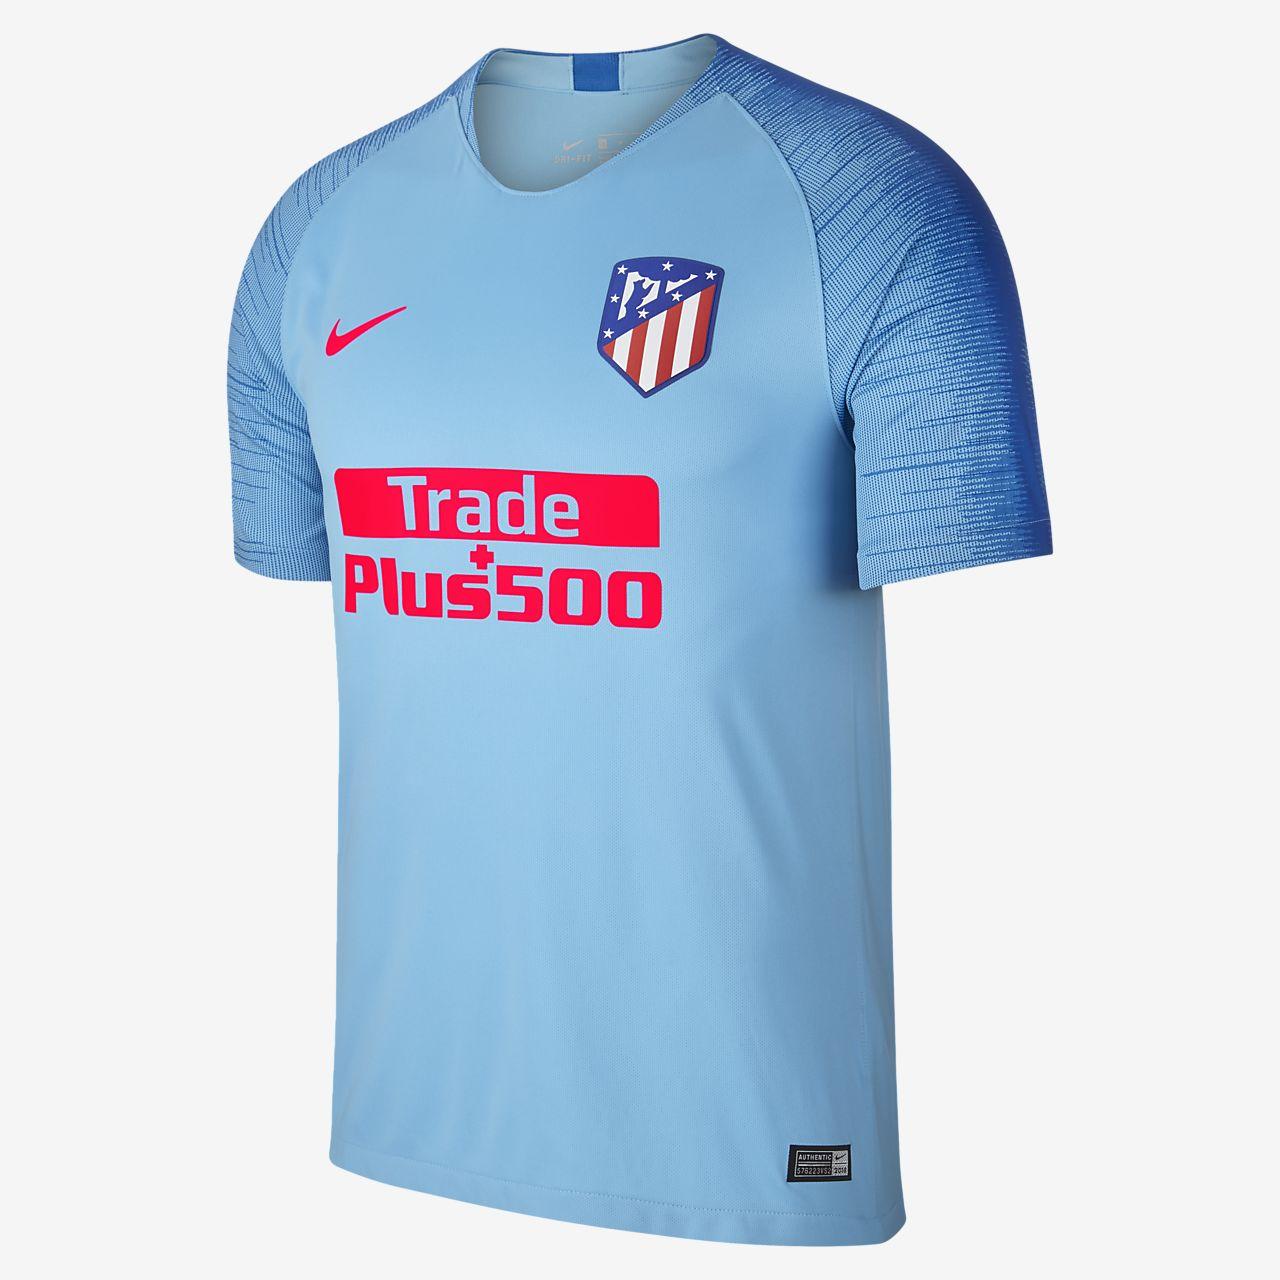 Camiseta de fútbol para hombre de visita Stadium del Atlético de Madrid  2018 19 bfdfad2ede933